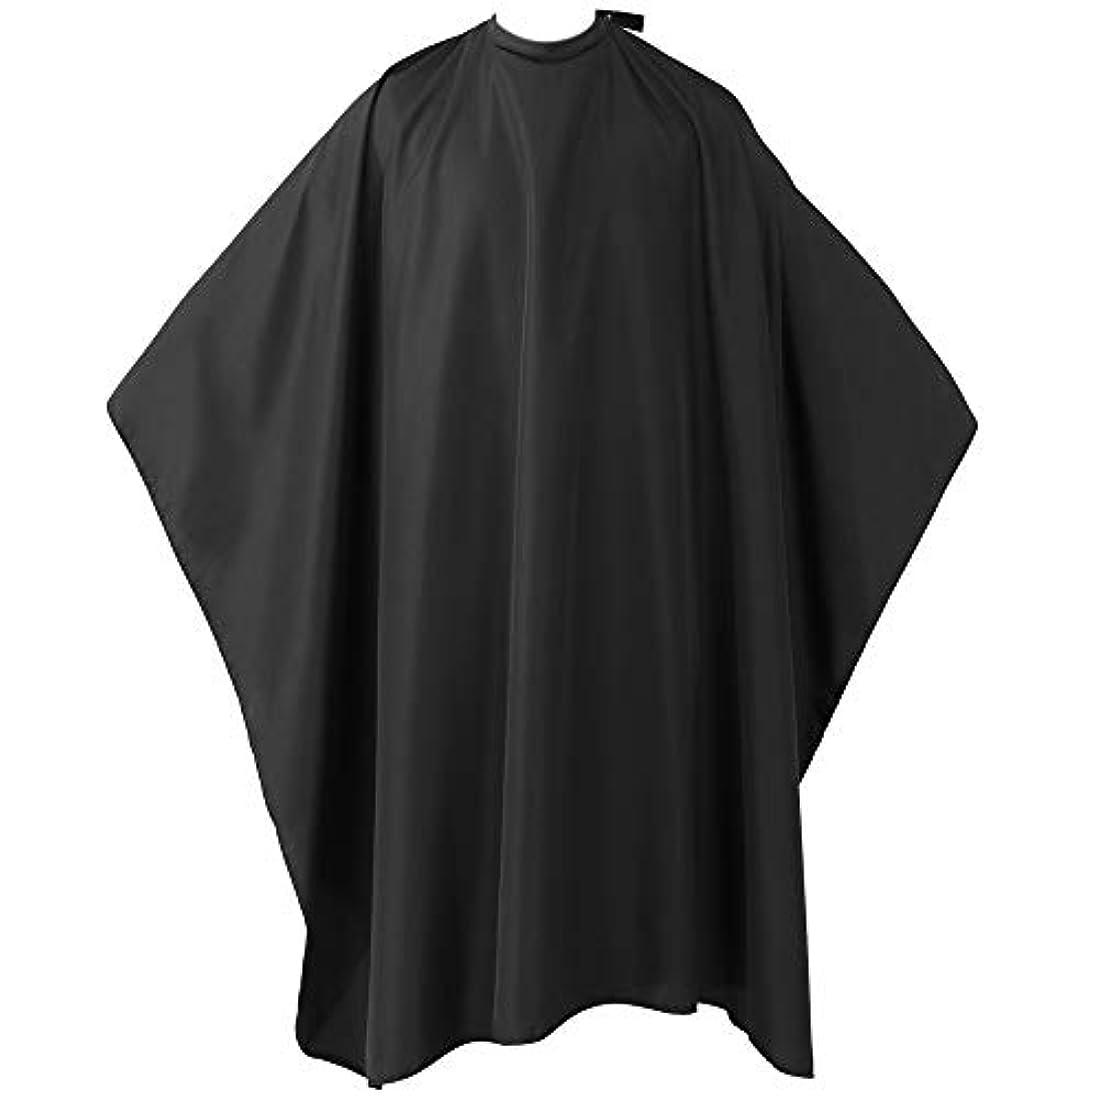 シェア夢いらいらさせるヘアーエプロン 散髪マント 散髪ケープ ファミリー理髪 折りたたみ式 防水加工 ヘアスタイリングツール (ブラック)